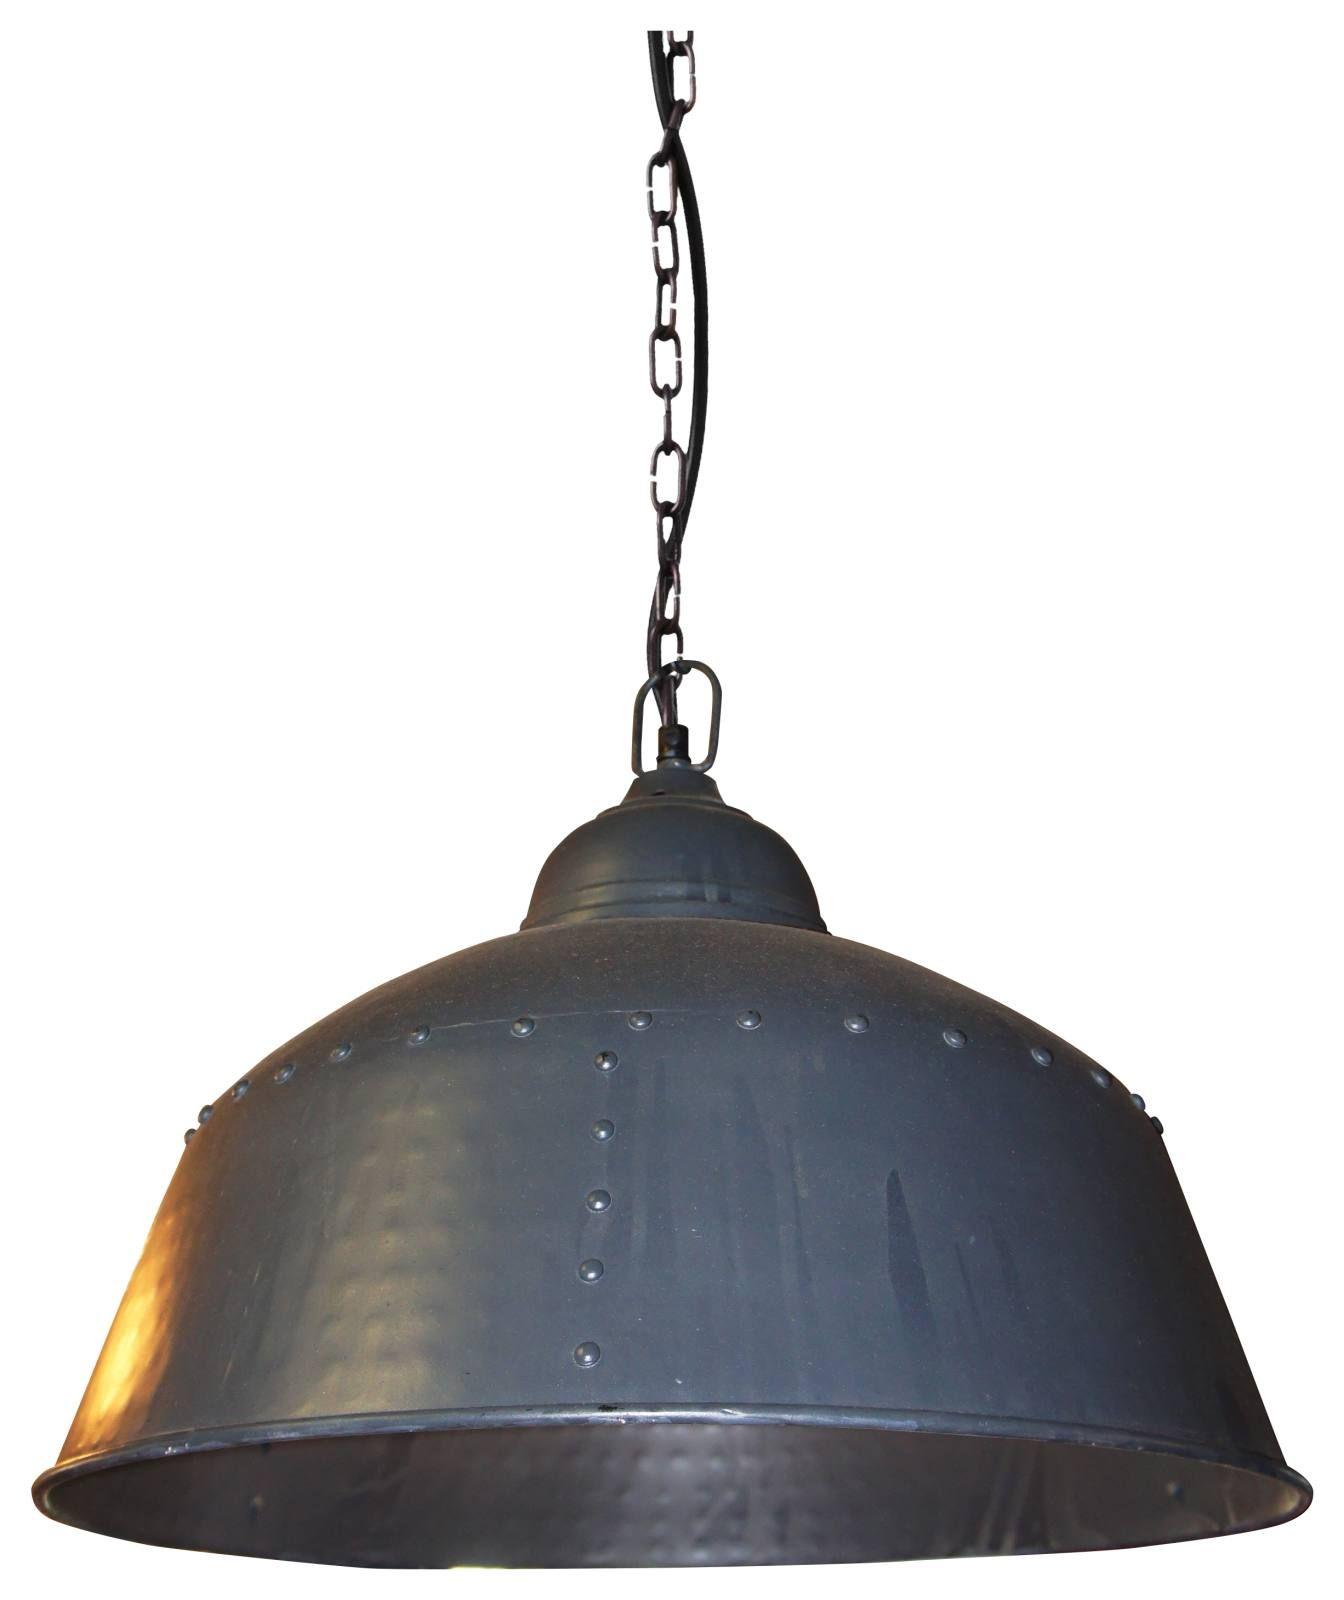 Artois Pendant Light